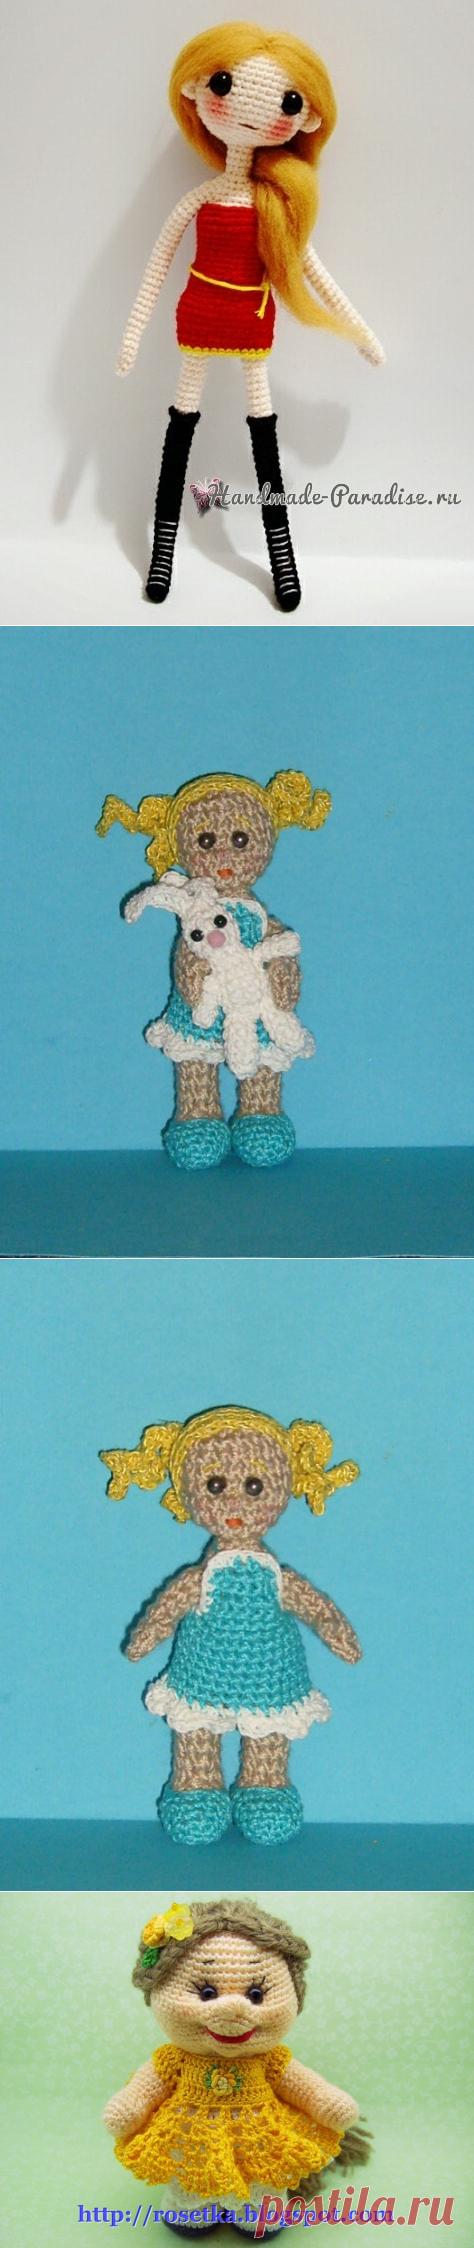 куколка амигуруми - Самое интересное в блогах